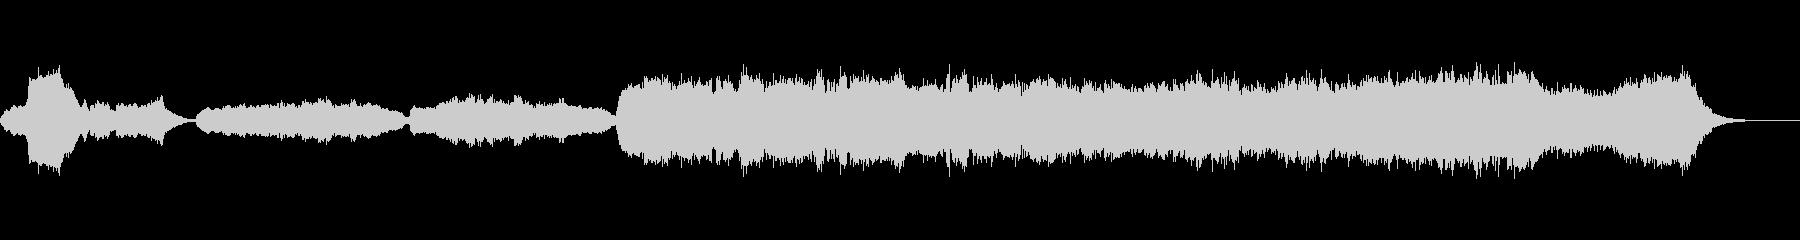 パイプオルガンの荘厳なファンファーレの未再生の波形